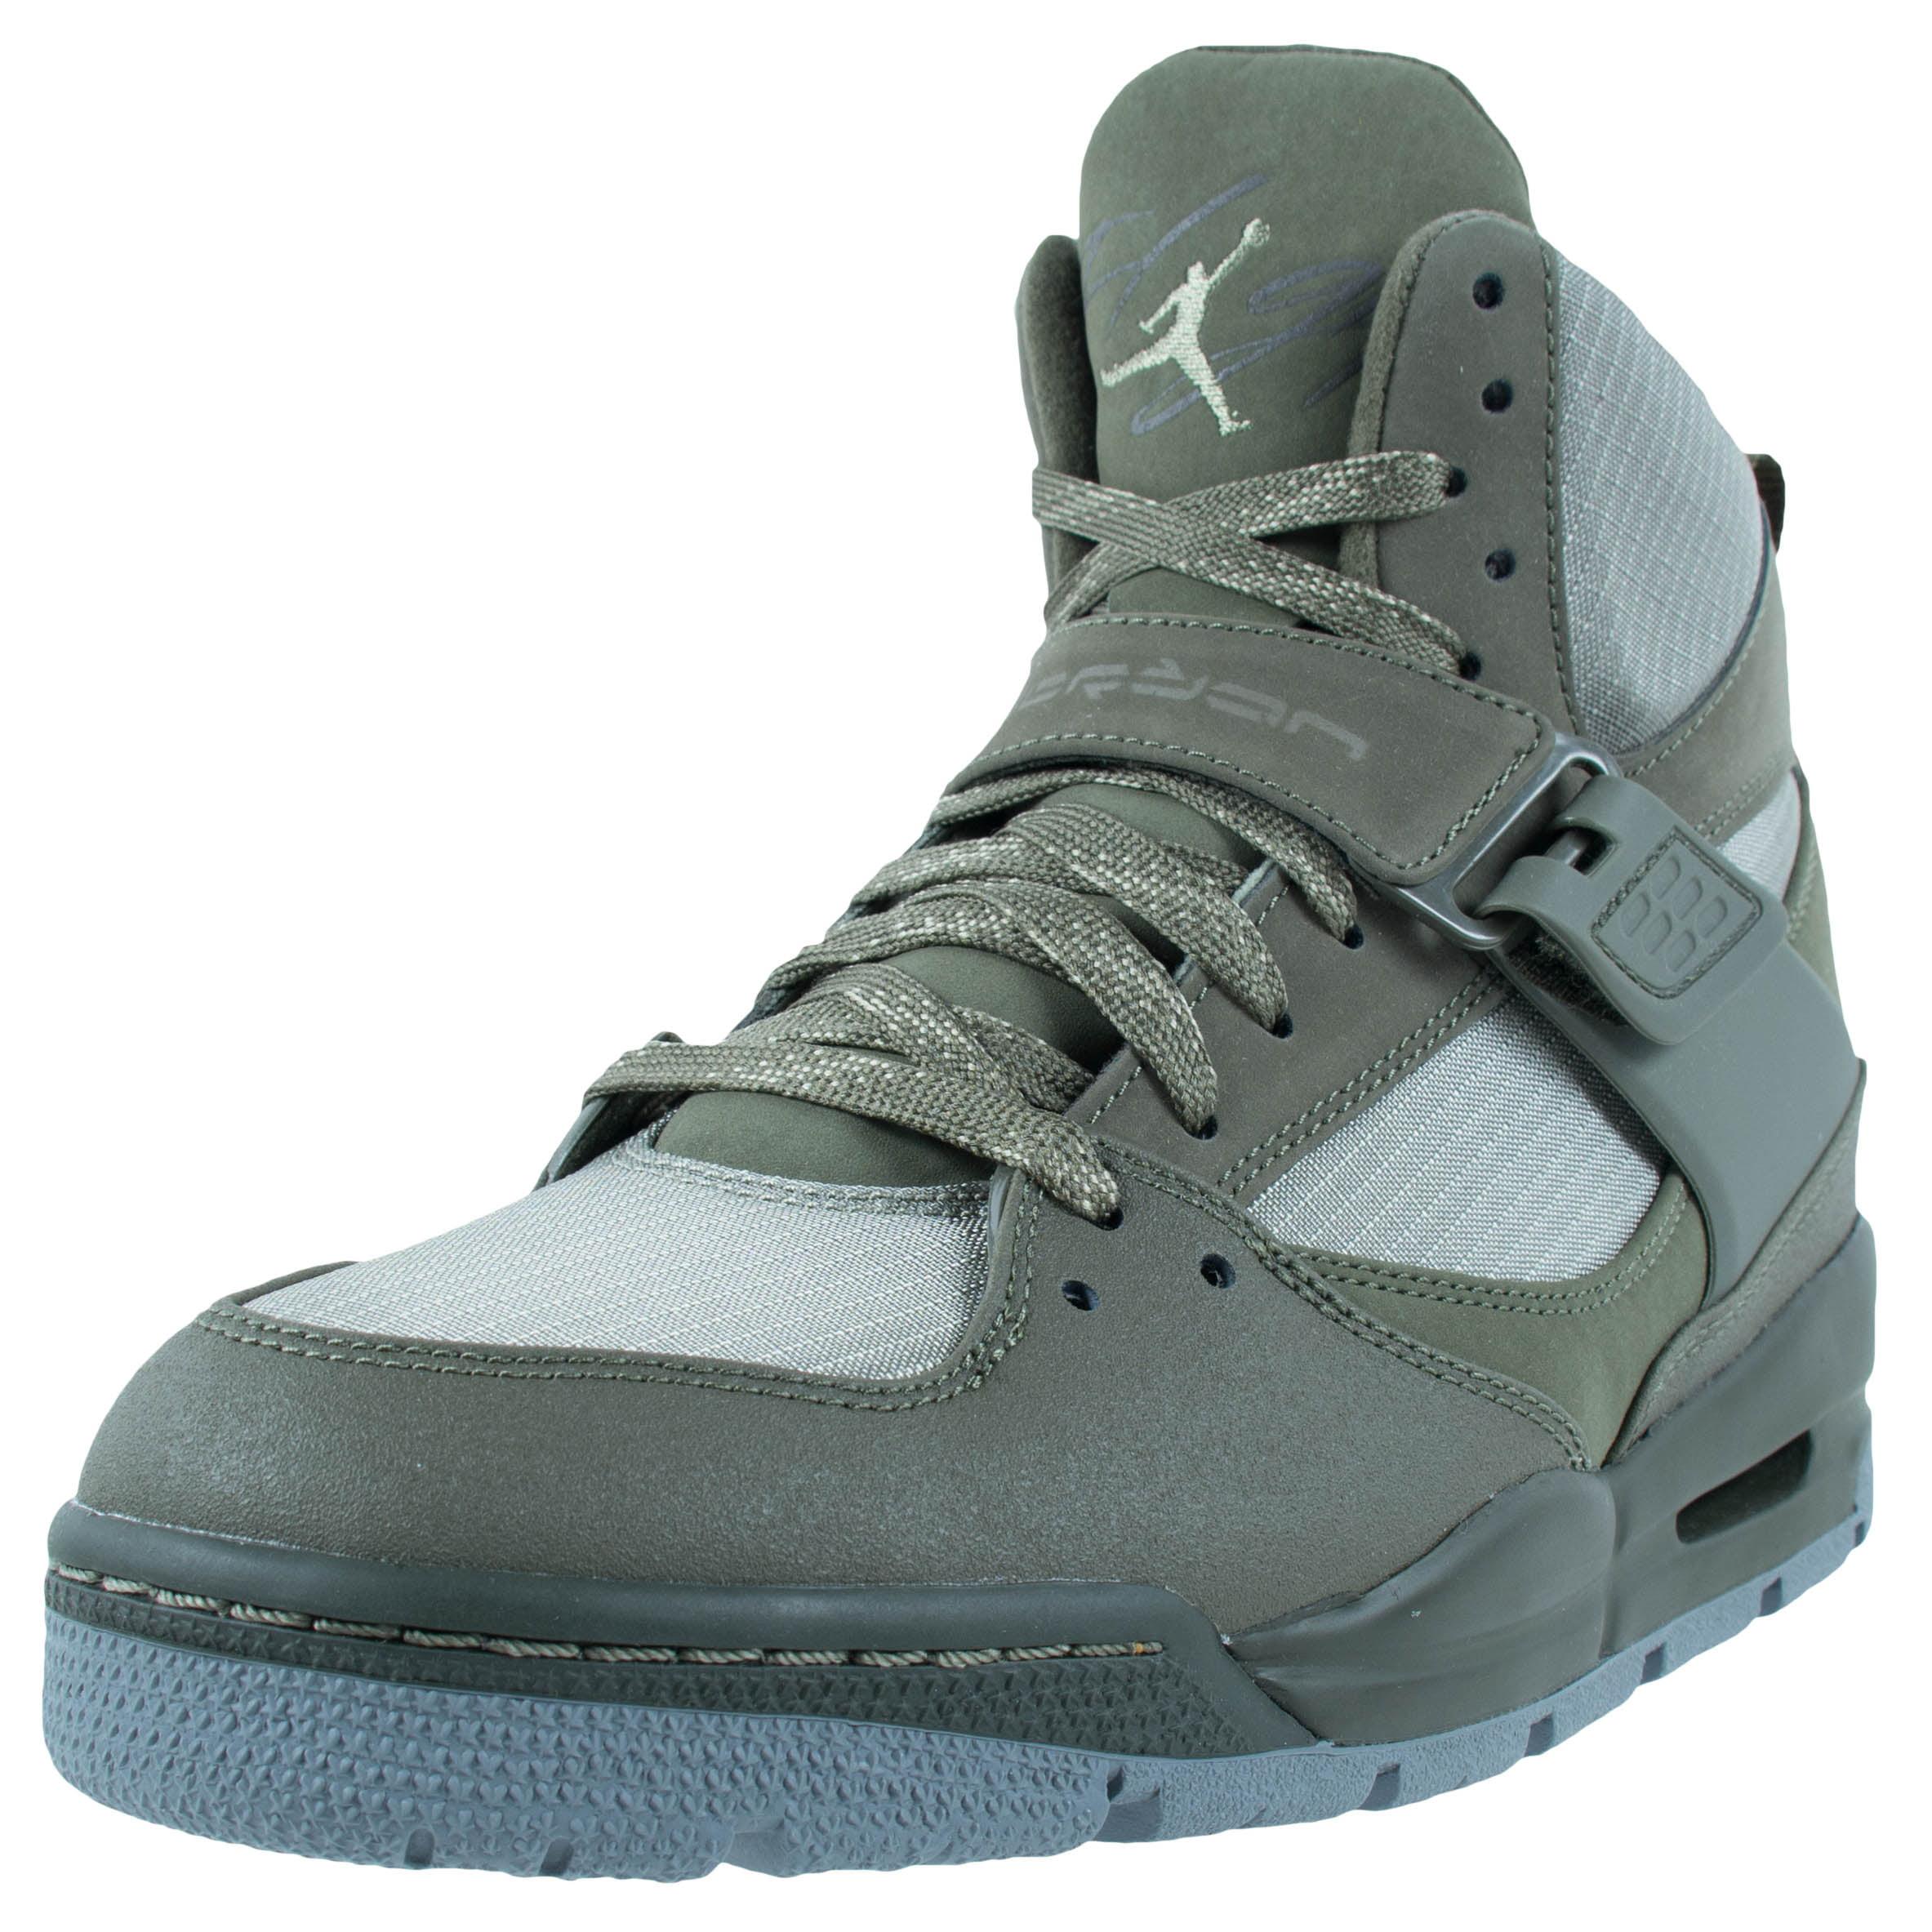 Nike AIR JORDAN FLIGHT 45 TRK SNEAKER BOOTS CARGO KHAKI R...